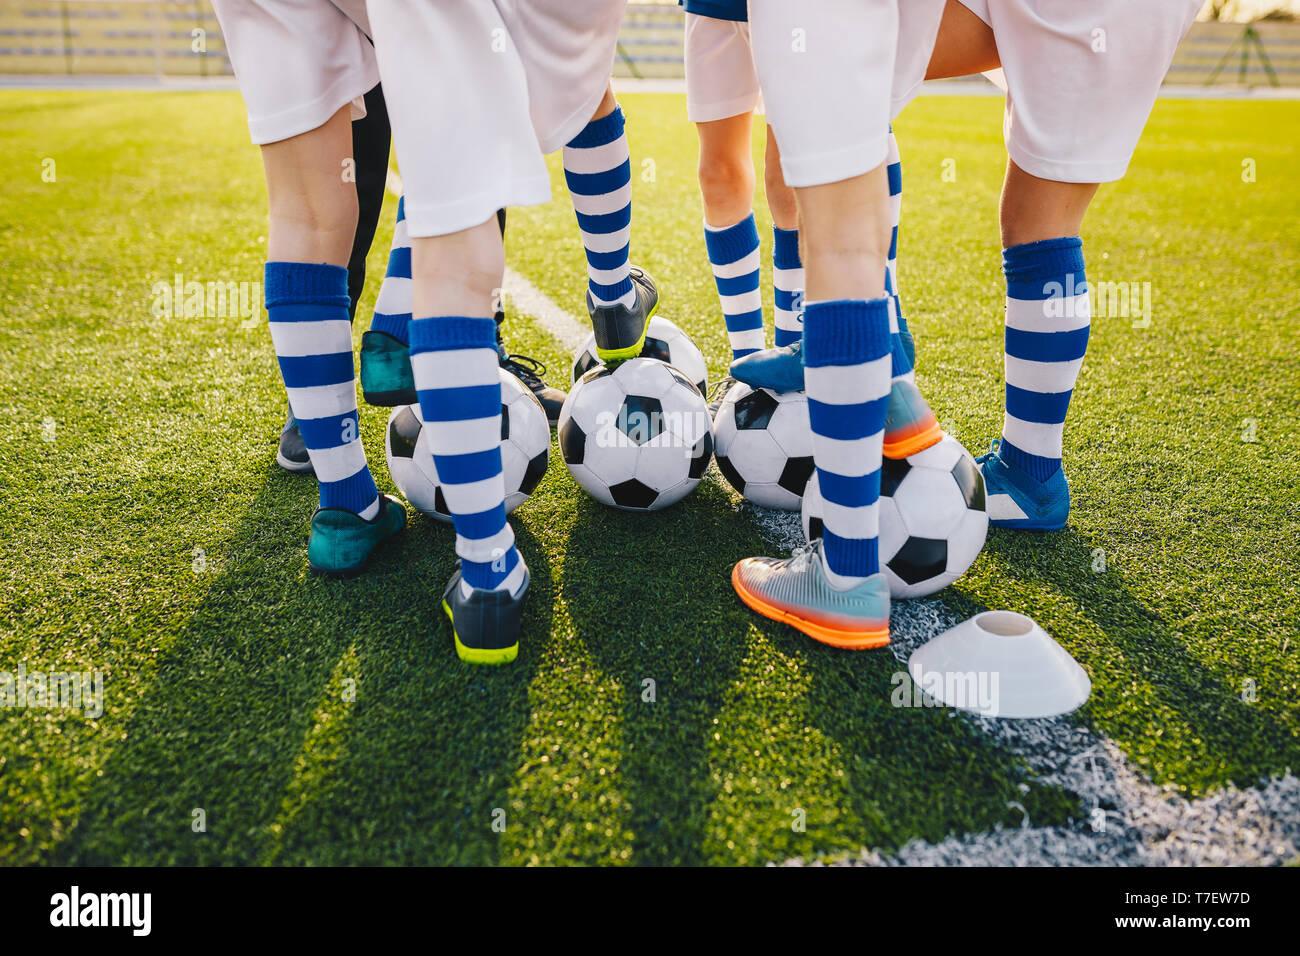 Grupo de jóvenes jugadores de fútbol en entrenamiento de fútbol. Las piernas de niños pateando balones de fútbol en el campo. Atardecer de verano en el fondo. Entrenamiento de fútbol bac Foto de stock